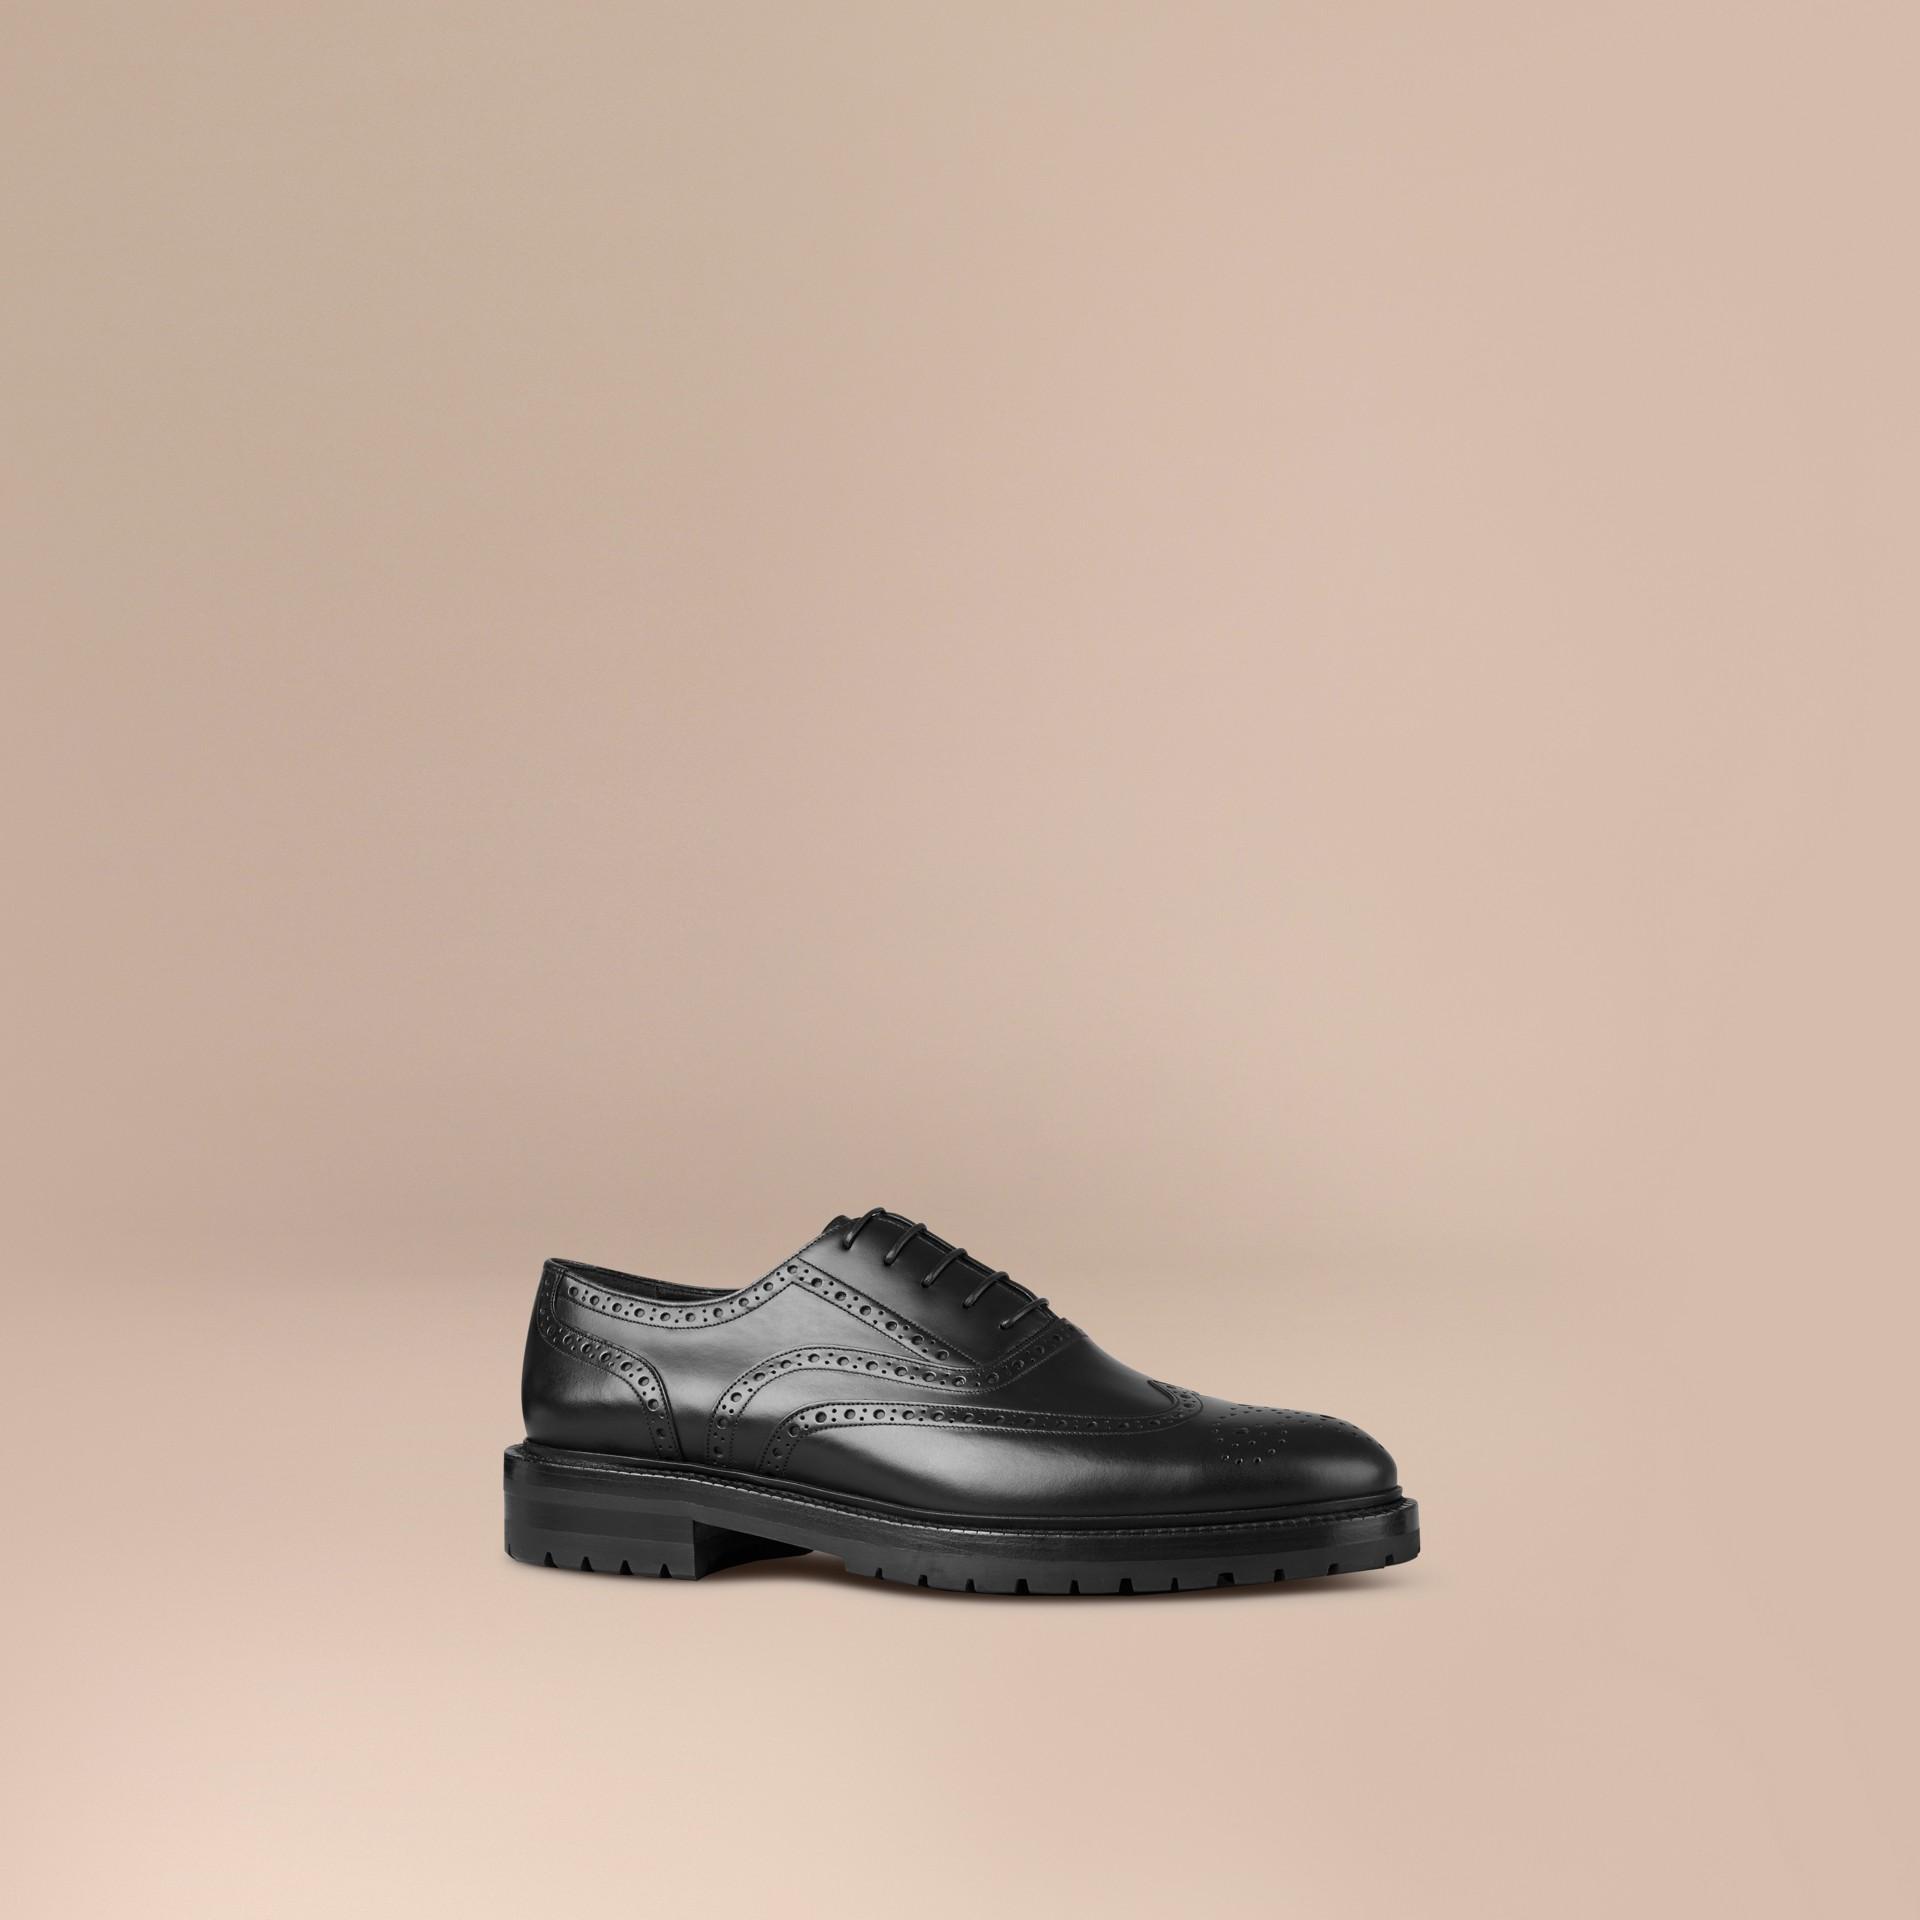 Preto Sapato em estilo brogue e bico fino de couro com sola de borracha - galeria de imagens 1